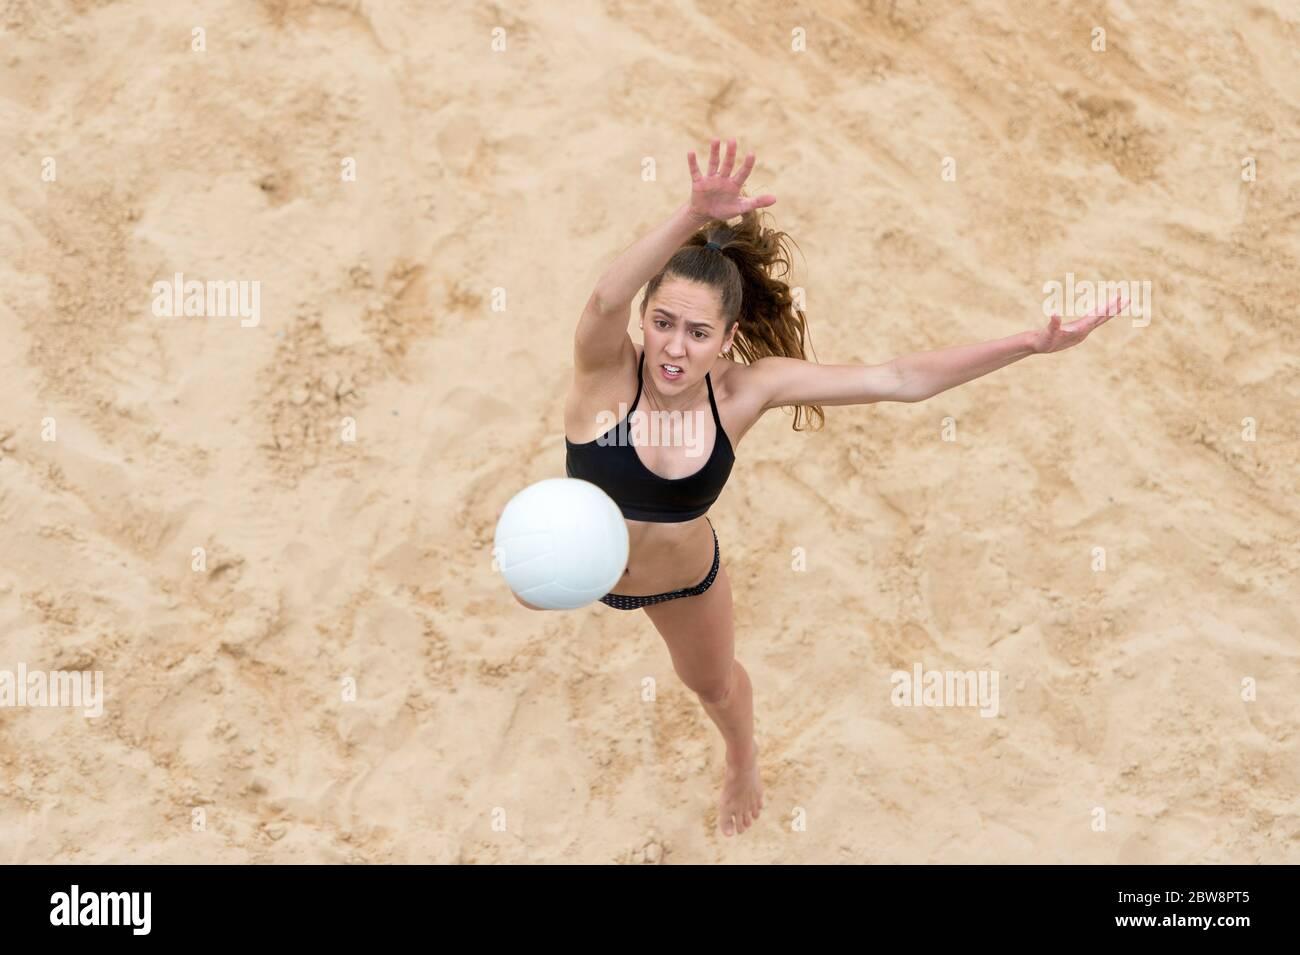 Mujer joven con pelota blanca jugando voleibol en la playa. Vacaciones de verano y concepto deportivo Foto de stock